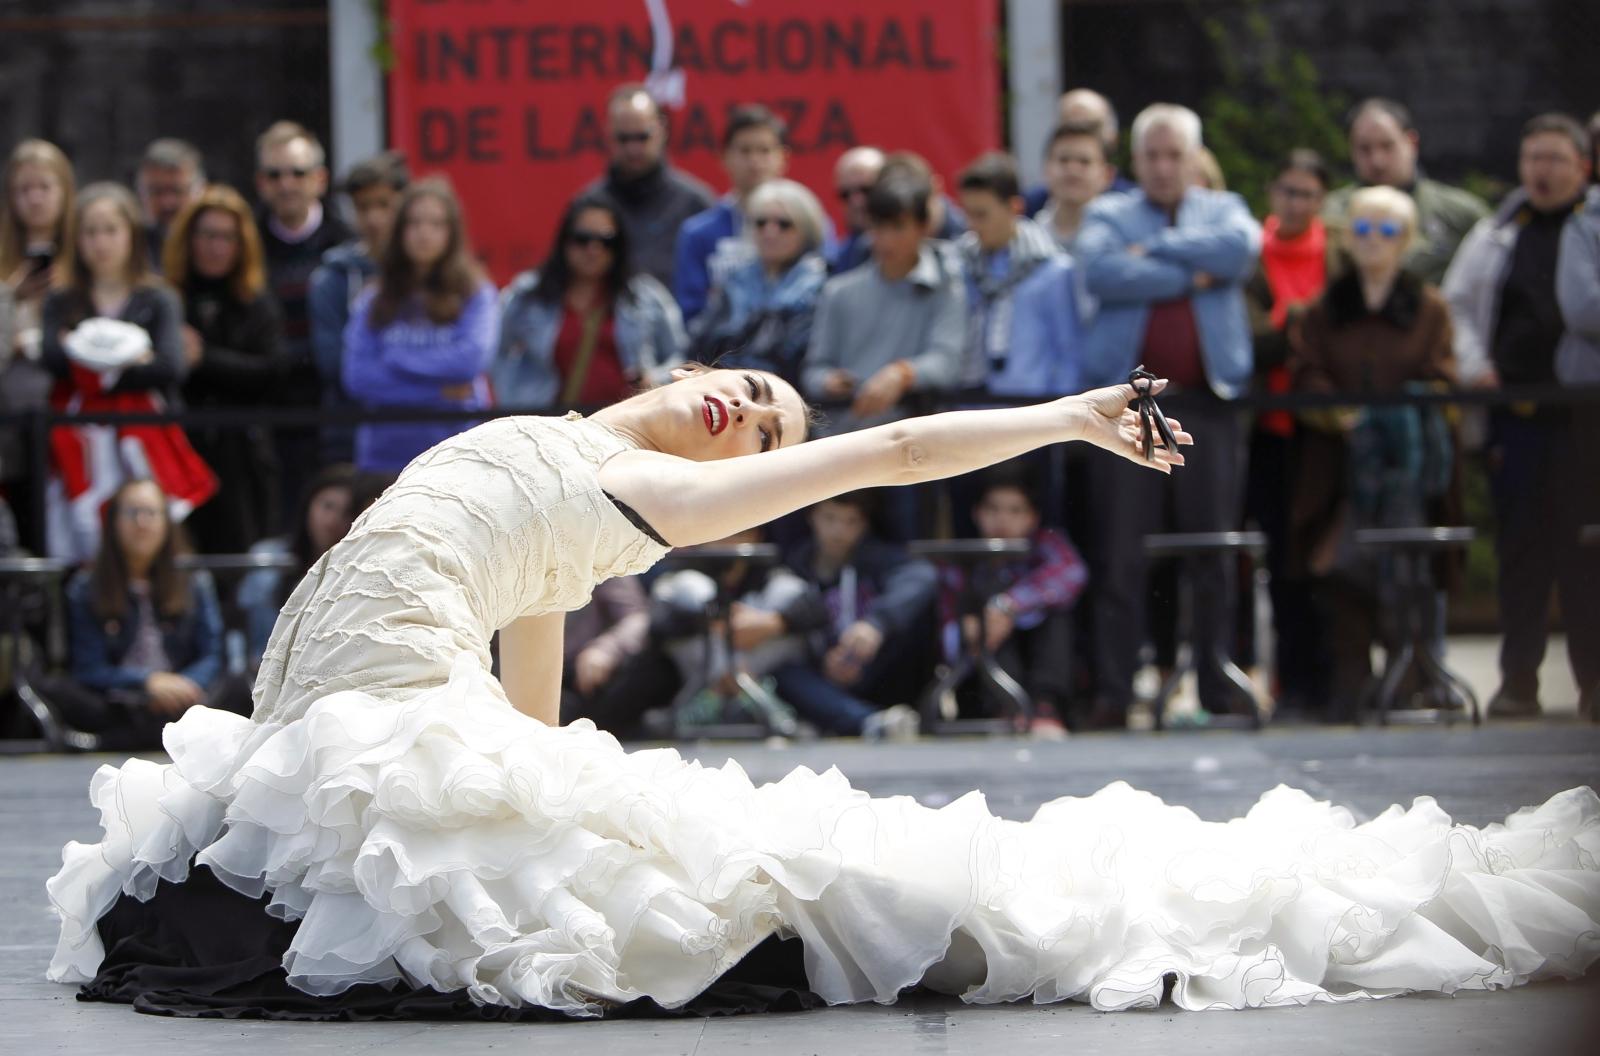 Międzynarodowy Dzień Tańća w Hiszpanii. Fot. PAP/EPA/Ruben Munoz